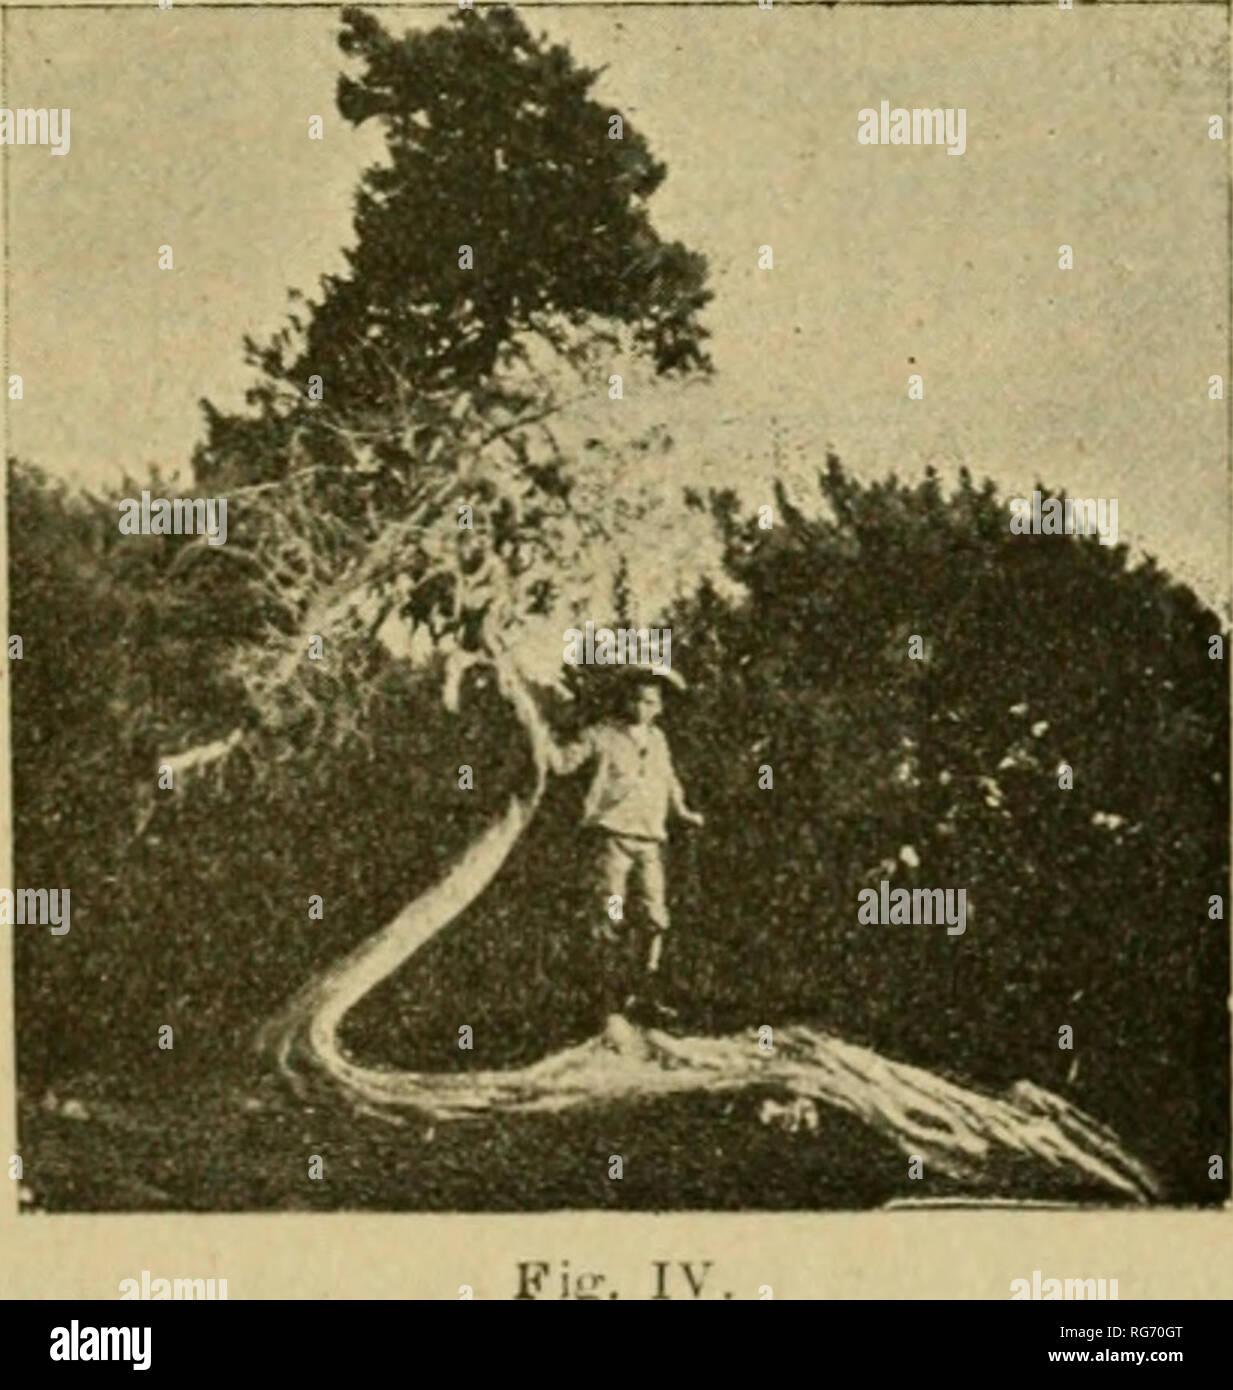 . Bullettino. Botany -- Periodicals. SEDK DI FIRENZE - ADUNANZA DEL 10 NOVEMBRE 383 un'idea, basta percorrere quel tratto dell'antica strada del lit- torale, che domina le scogliere marine a Sud di Livorno, subito dopo il villaggio di Antignano. Ivi si rimane colpiti dal porta- mento di alcuni vetusti esemplari della specie sovraccennata. Essi non hanno, come i Pinus, il fusto semplice- mente inclinato (ciò che mette spesso in pericolo la pianta di essere sradi- cata al primo colpo di ven- to un po' impetuoso), ma fortemente inflesso alla ba- se, e ritorto, in modo da venire a toccare in uno o - Stock Image